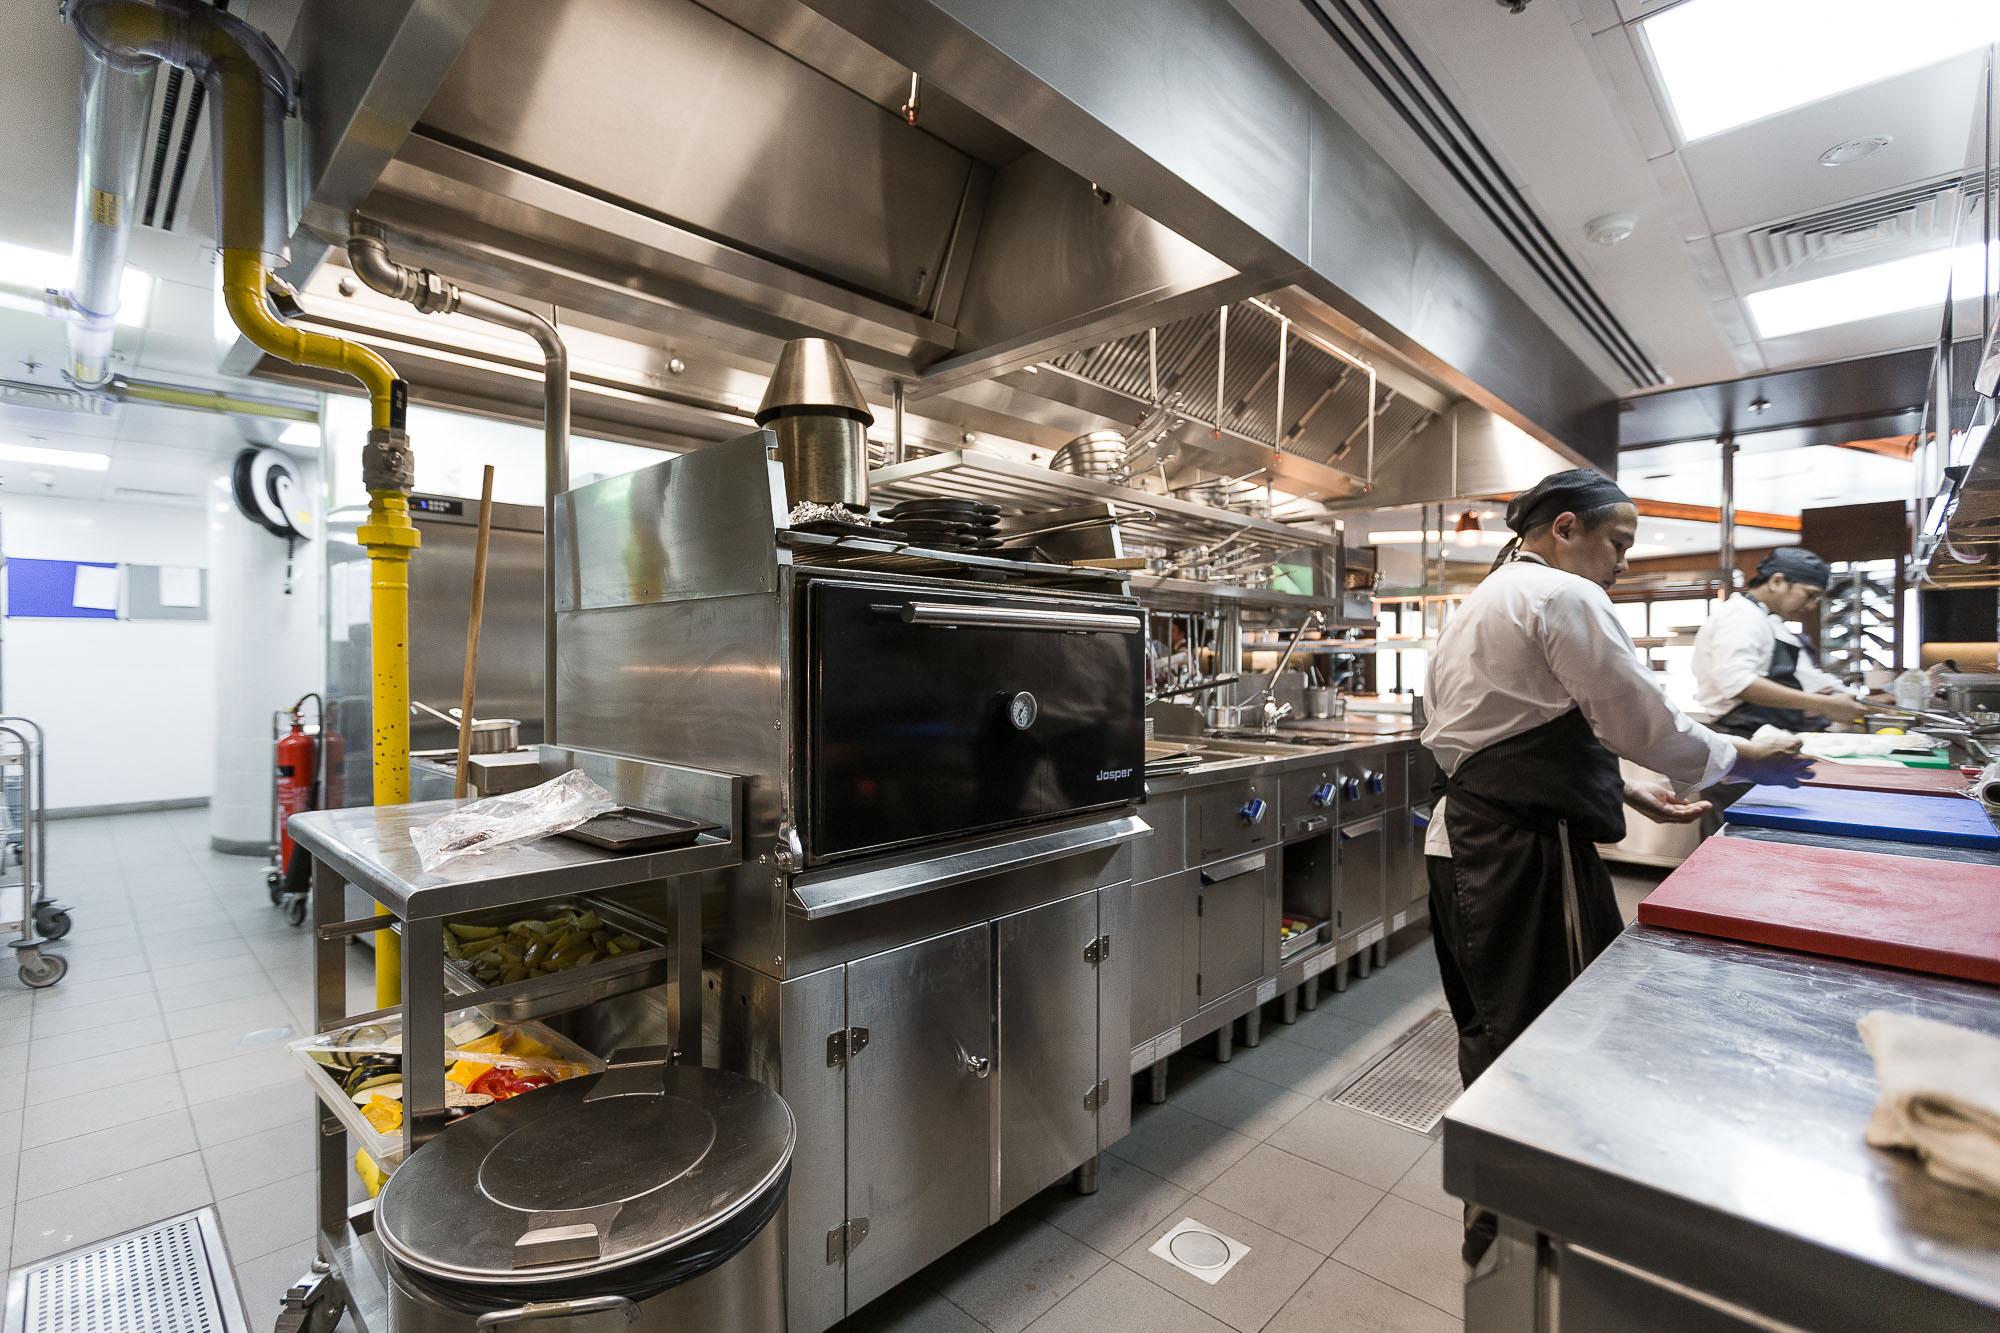 italia_kitchen_robertos_abu_dhabi_28